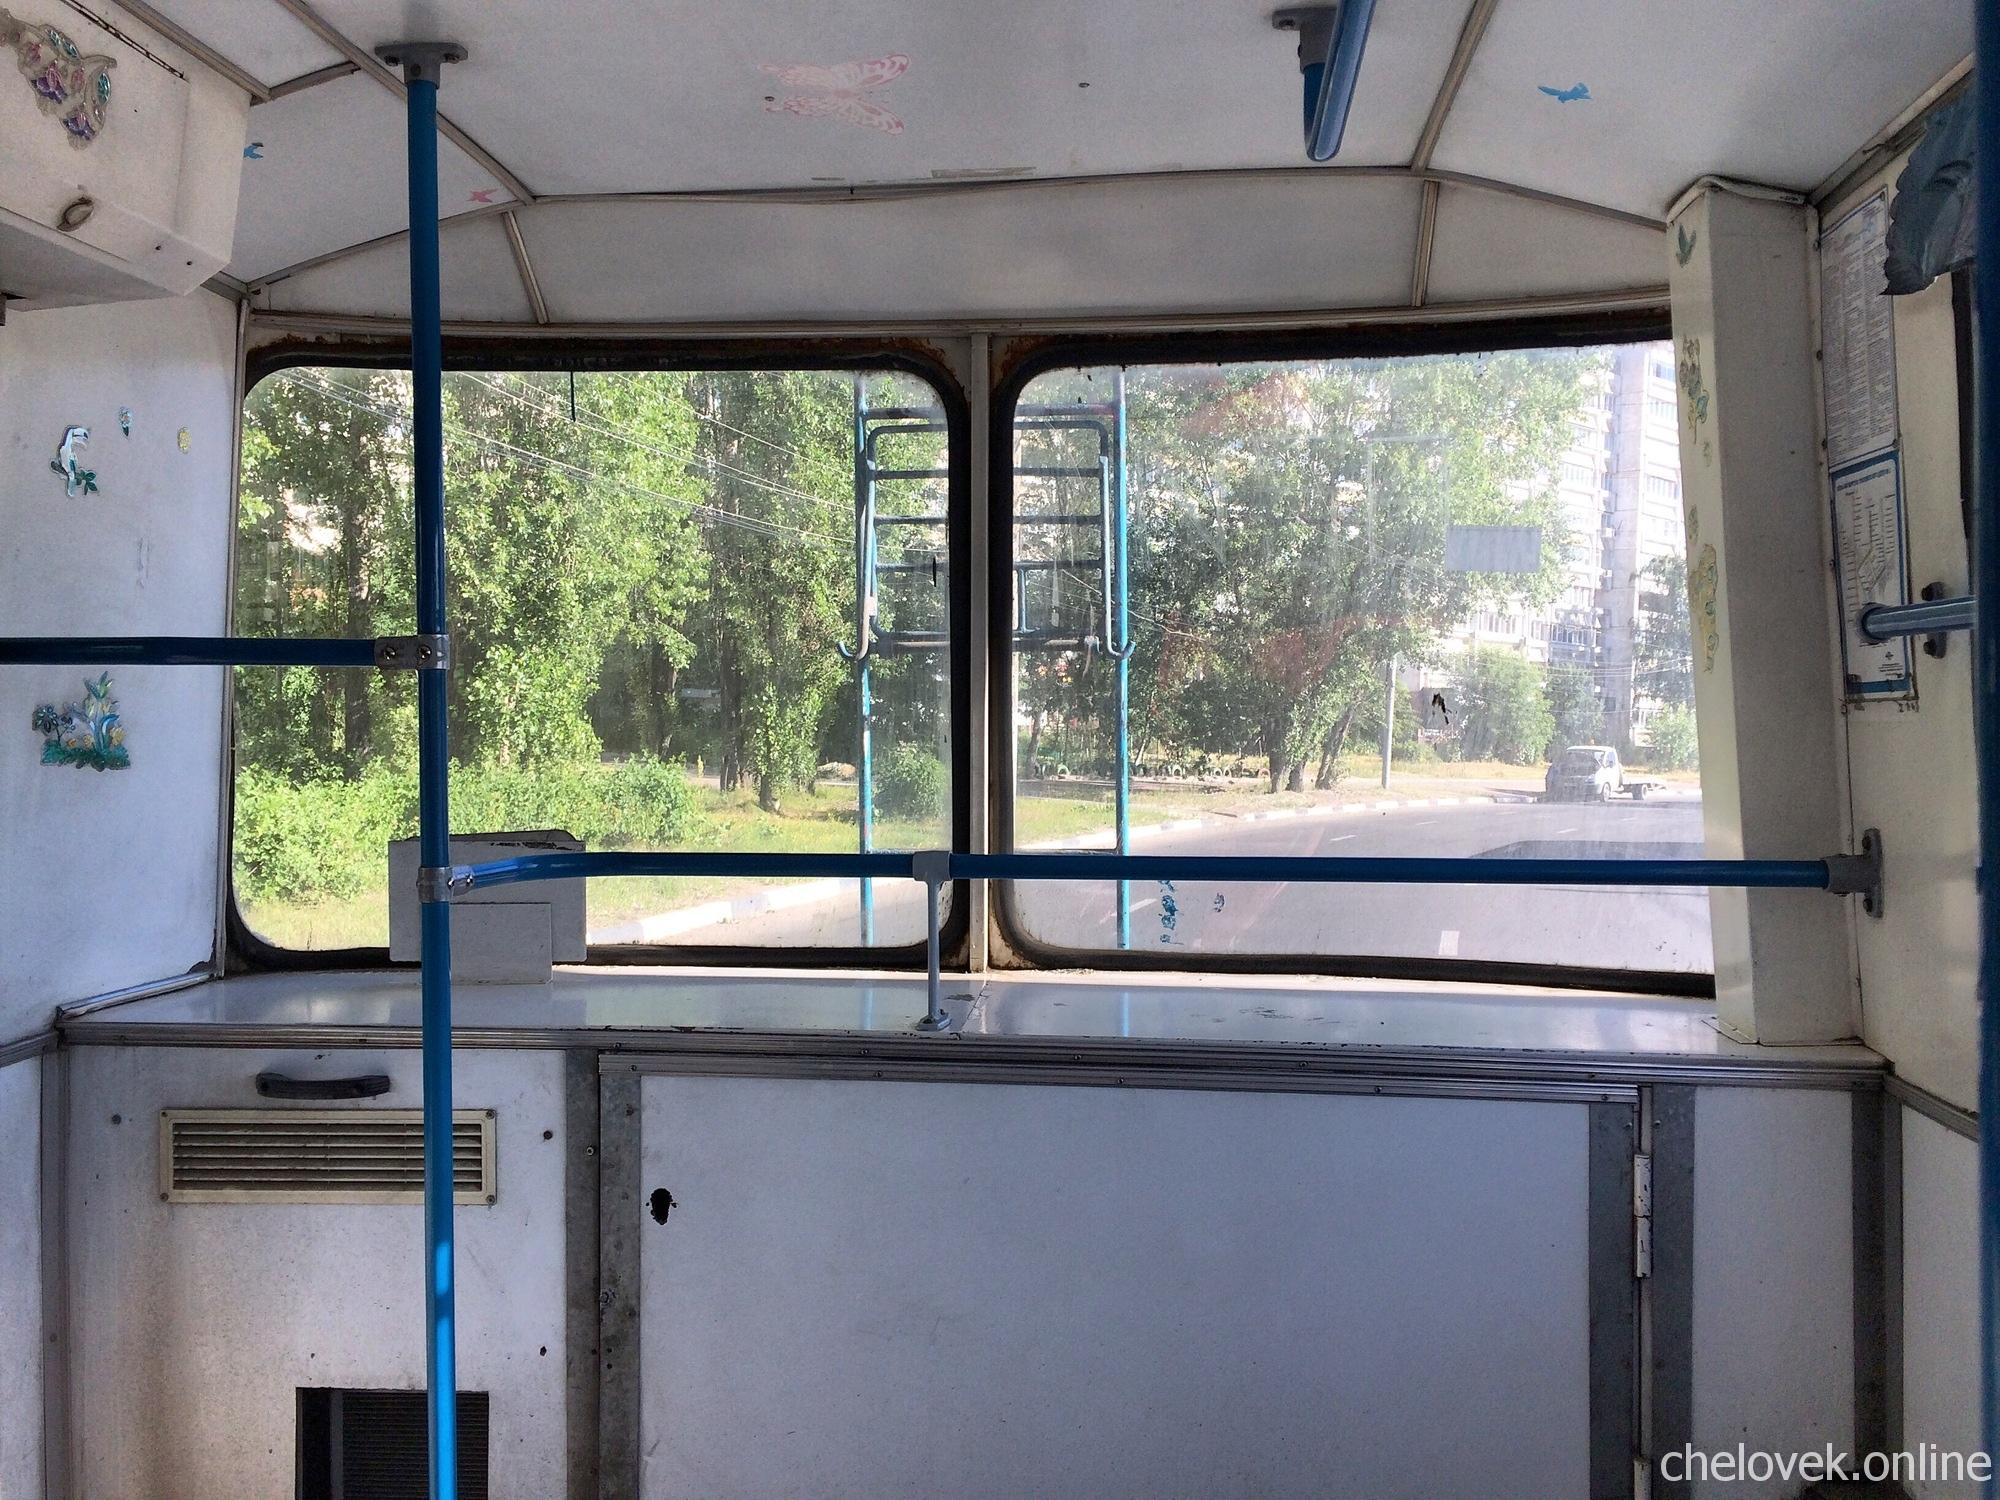 В троллейбусе. Вид из окна на улицу, дорогу